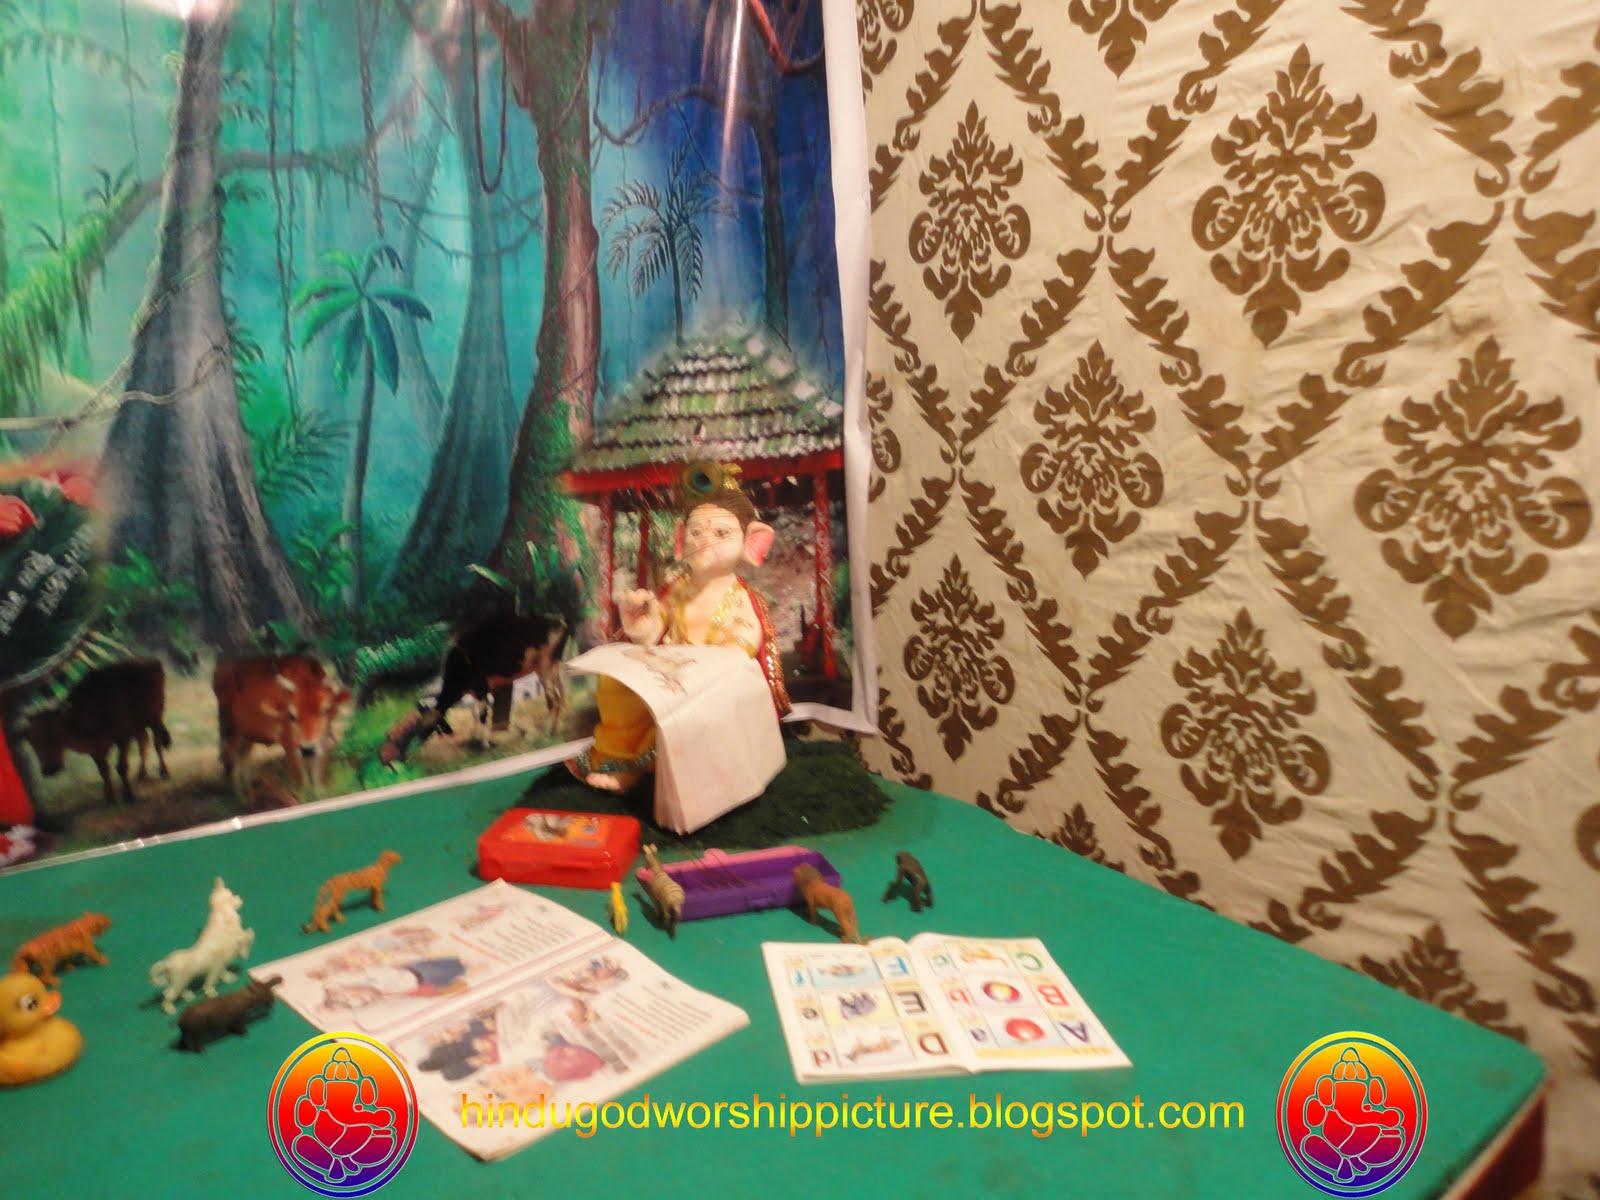 http://4.bp.blogspot.com/-3pAYV85rK-Q/TmUEXmAyF8I/AAAAAAAAHAg/cQk1jbJIOjU/s1600/bal-ganesh-reading-books-photos.JPG